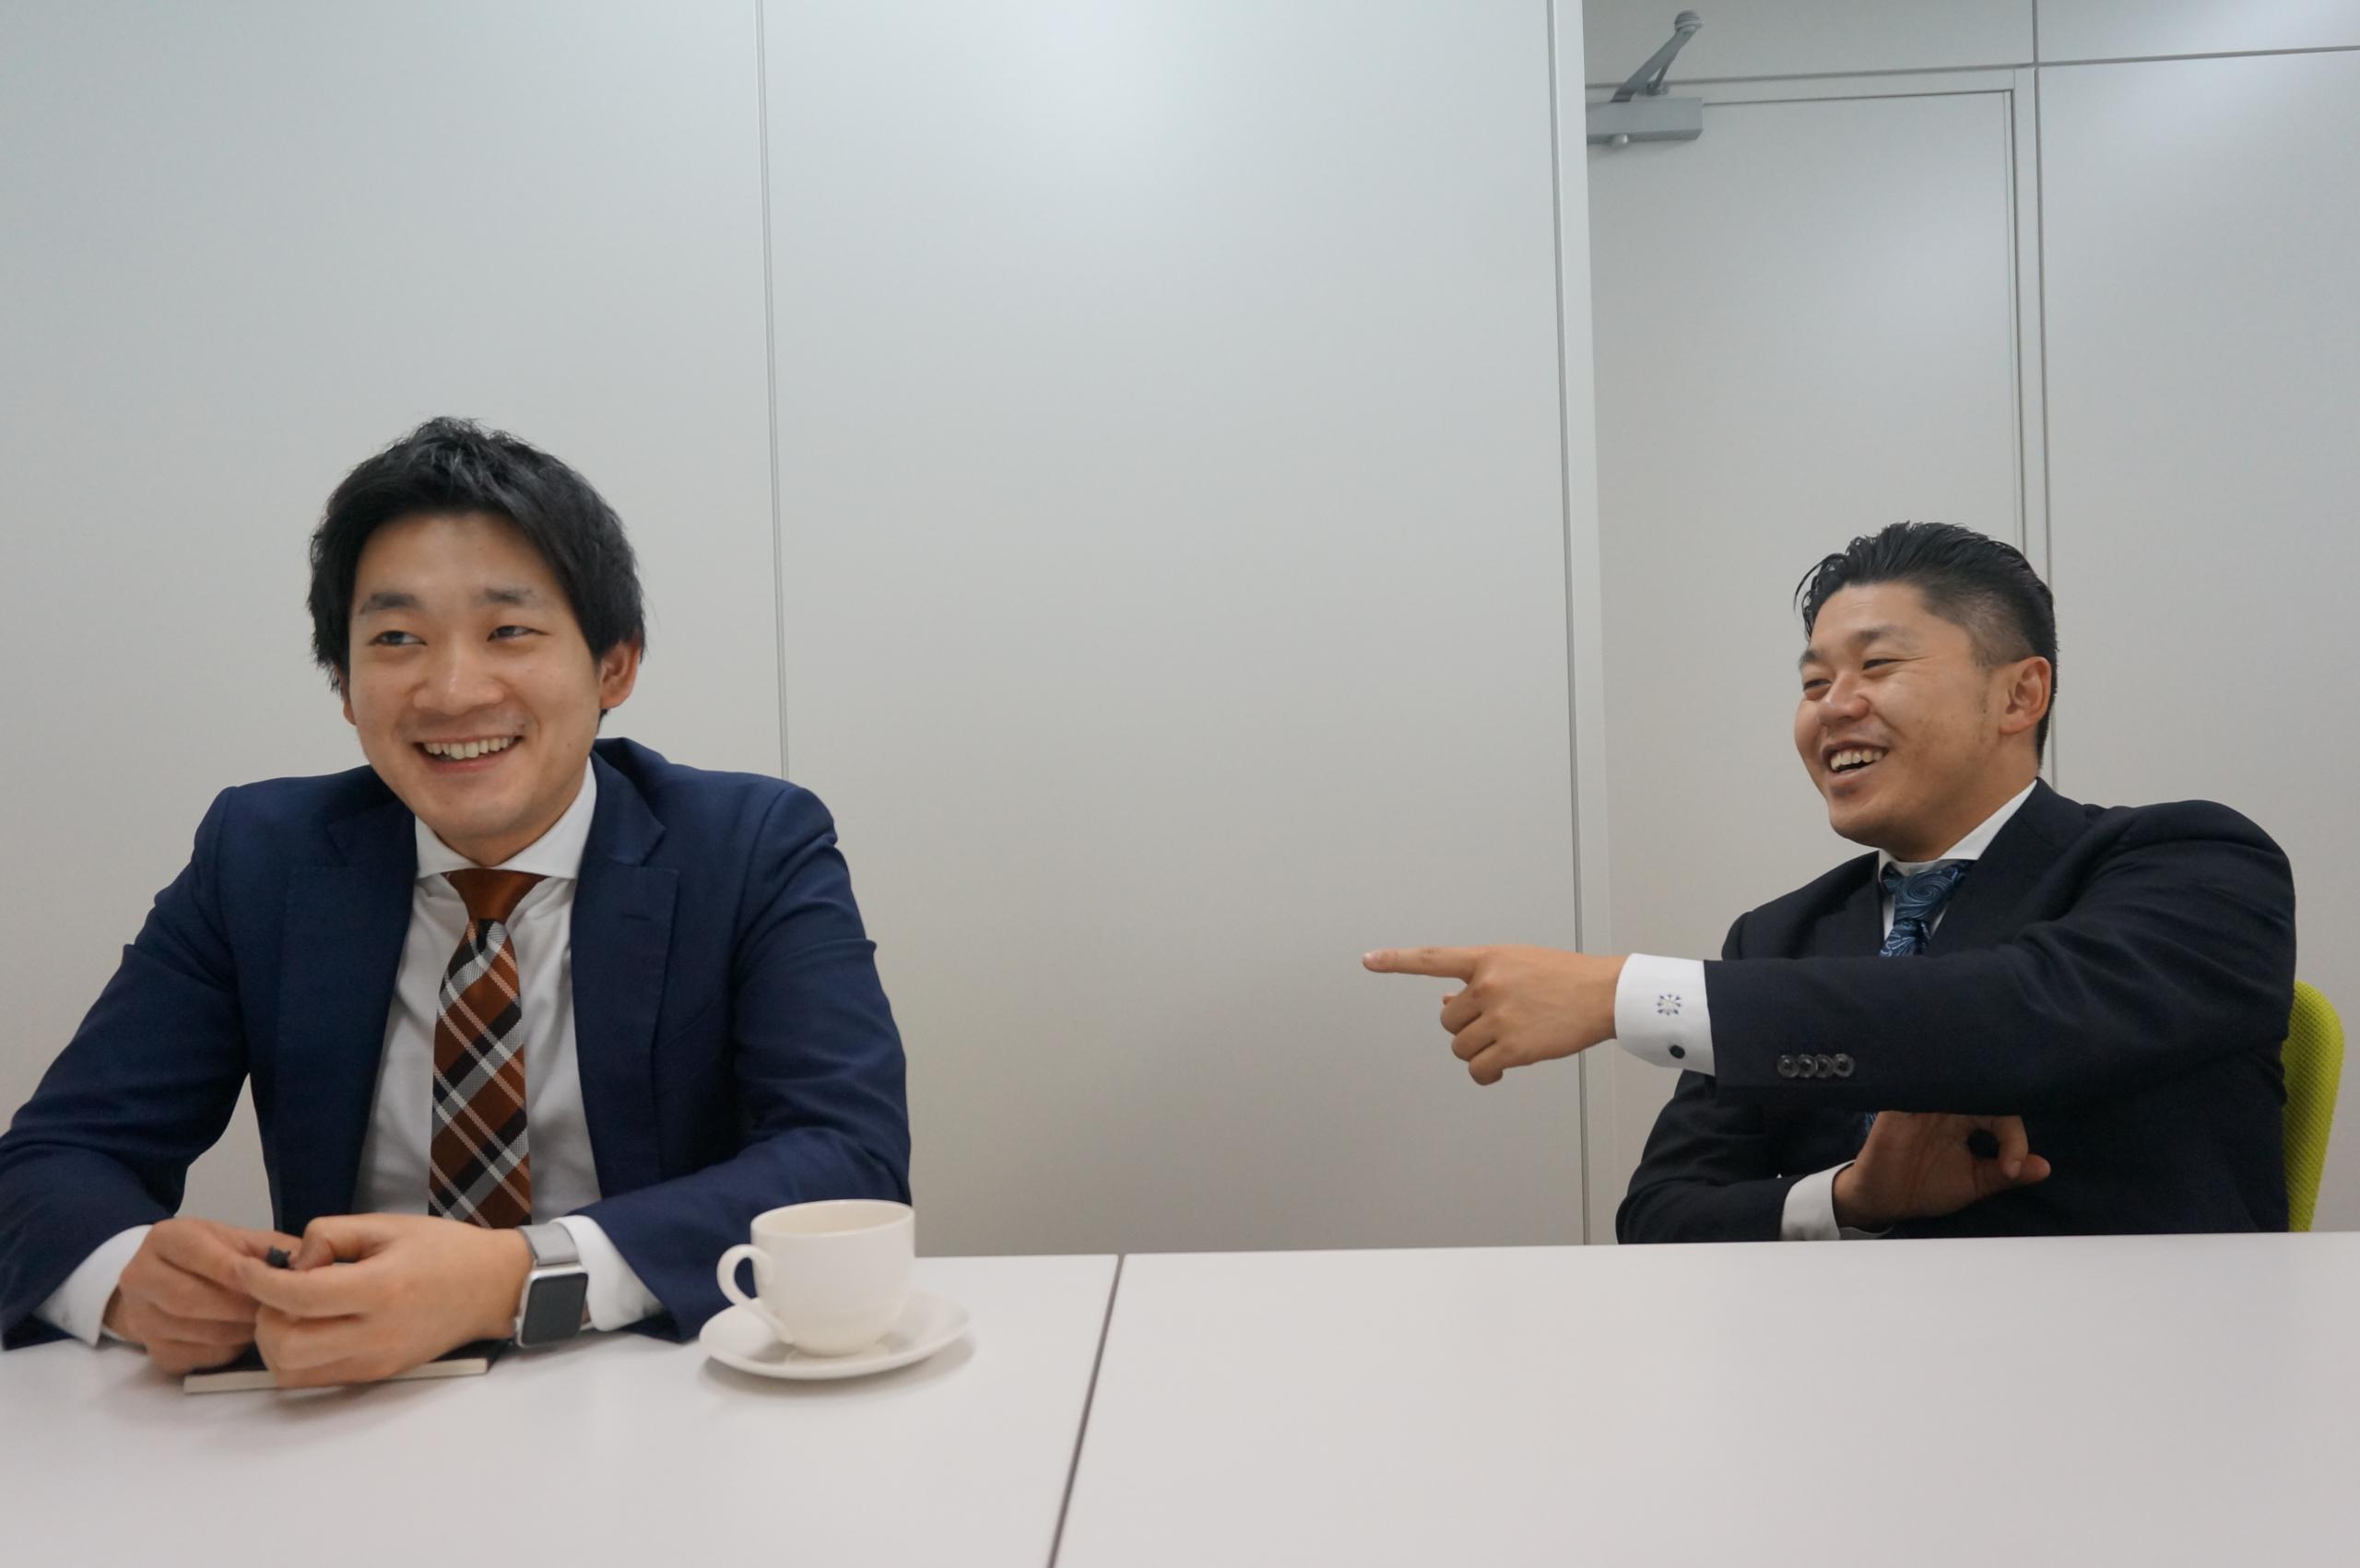 「技術革新はそこまで進んでる!」大阪デリバリーへインタビュー